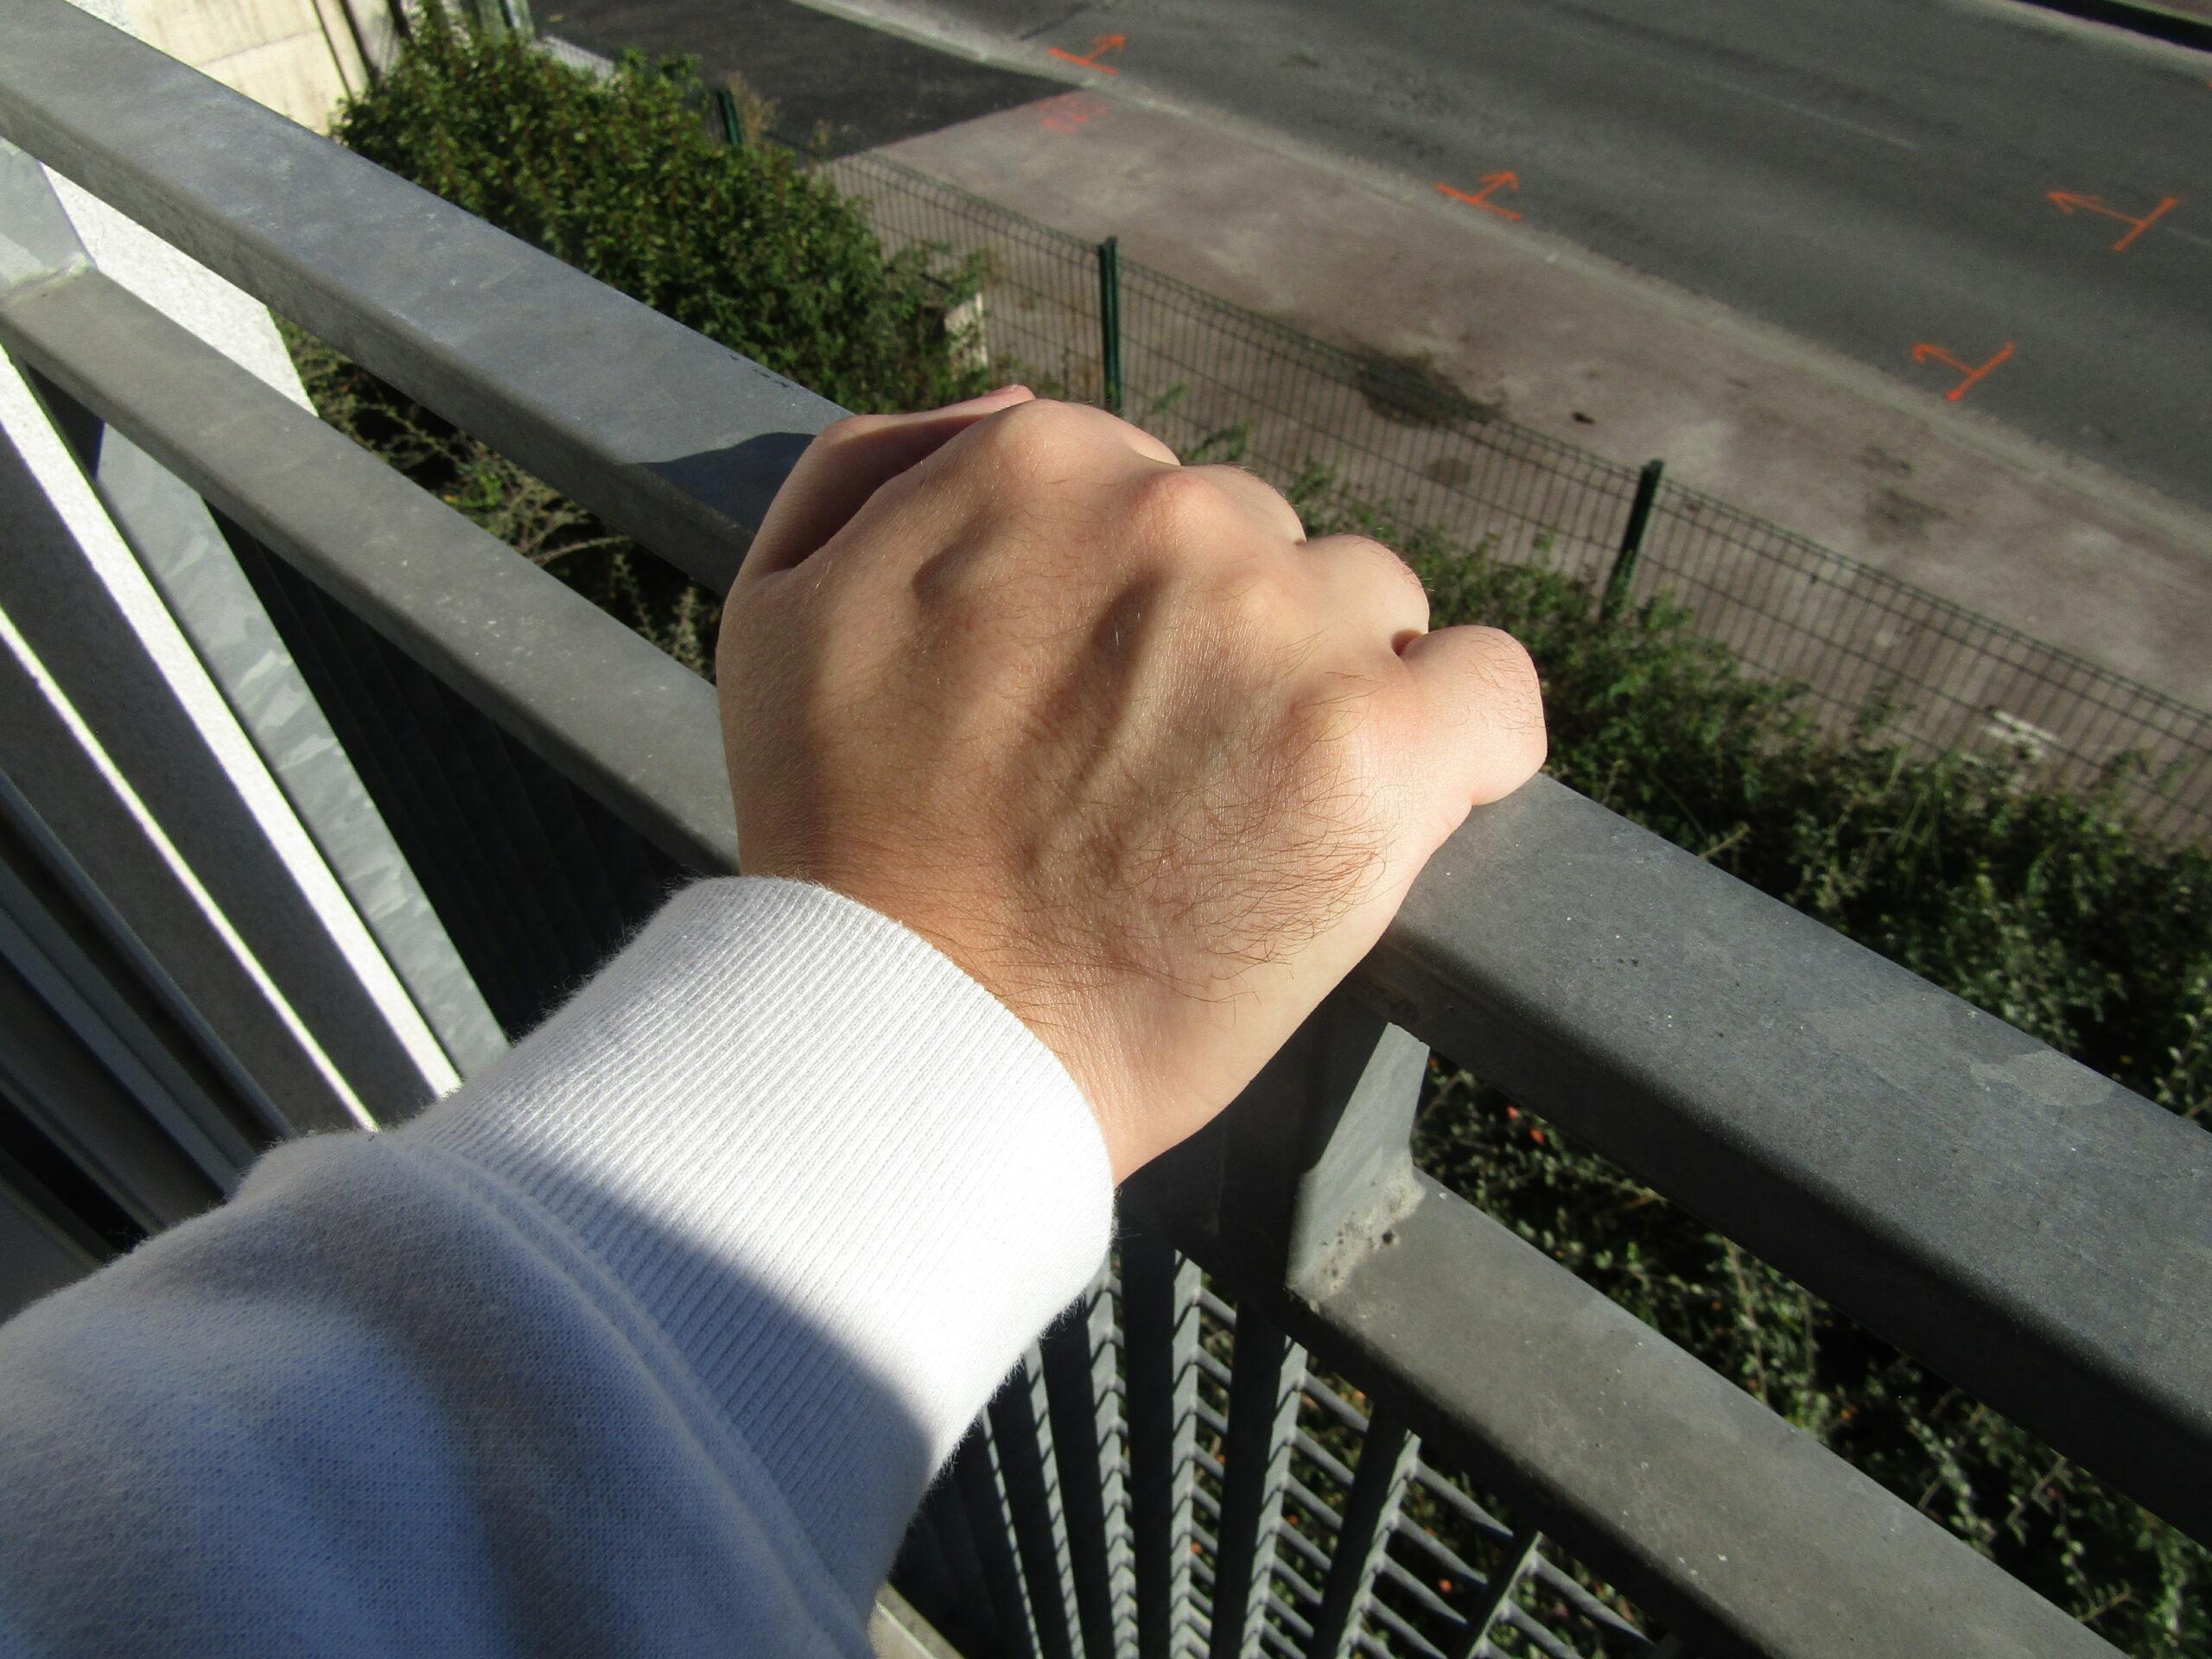 Une main seule posée sur une rembarde. On peut apercevoir en dessous un jardinet avec quelques plantes, un trottoir et une route.